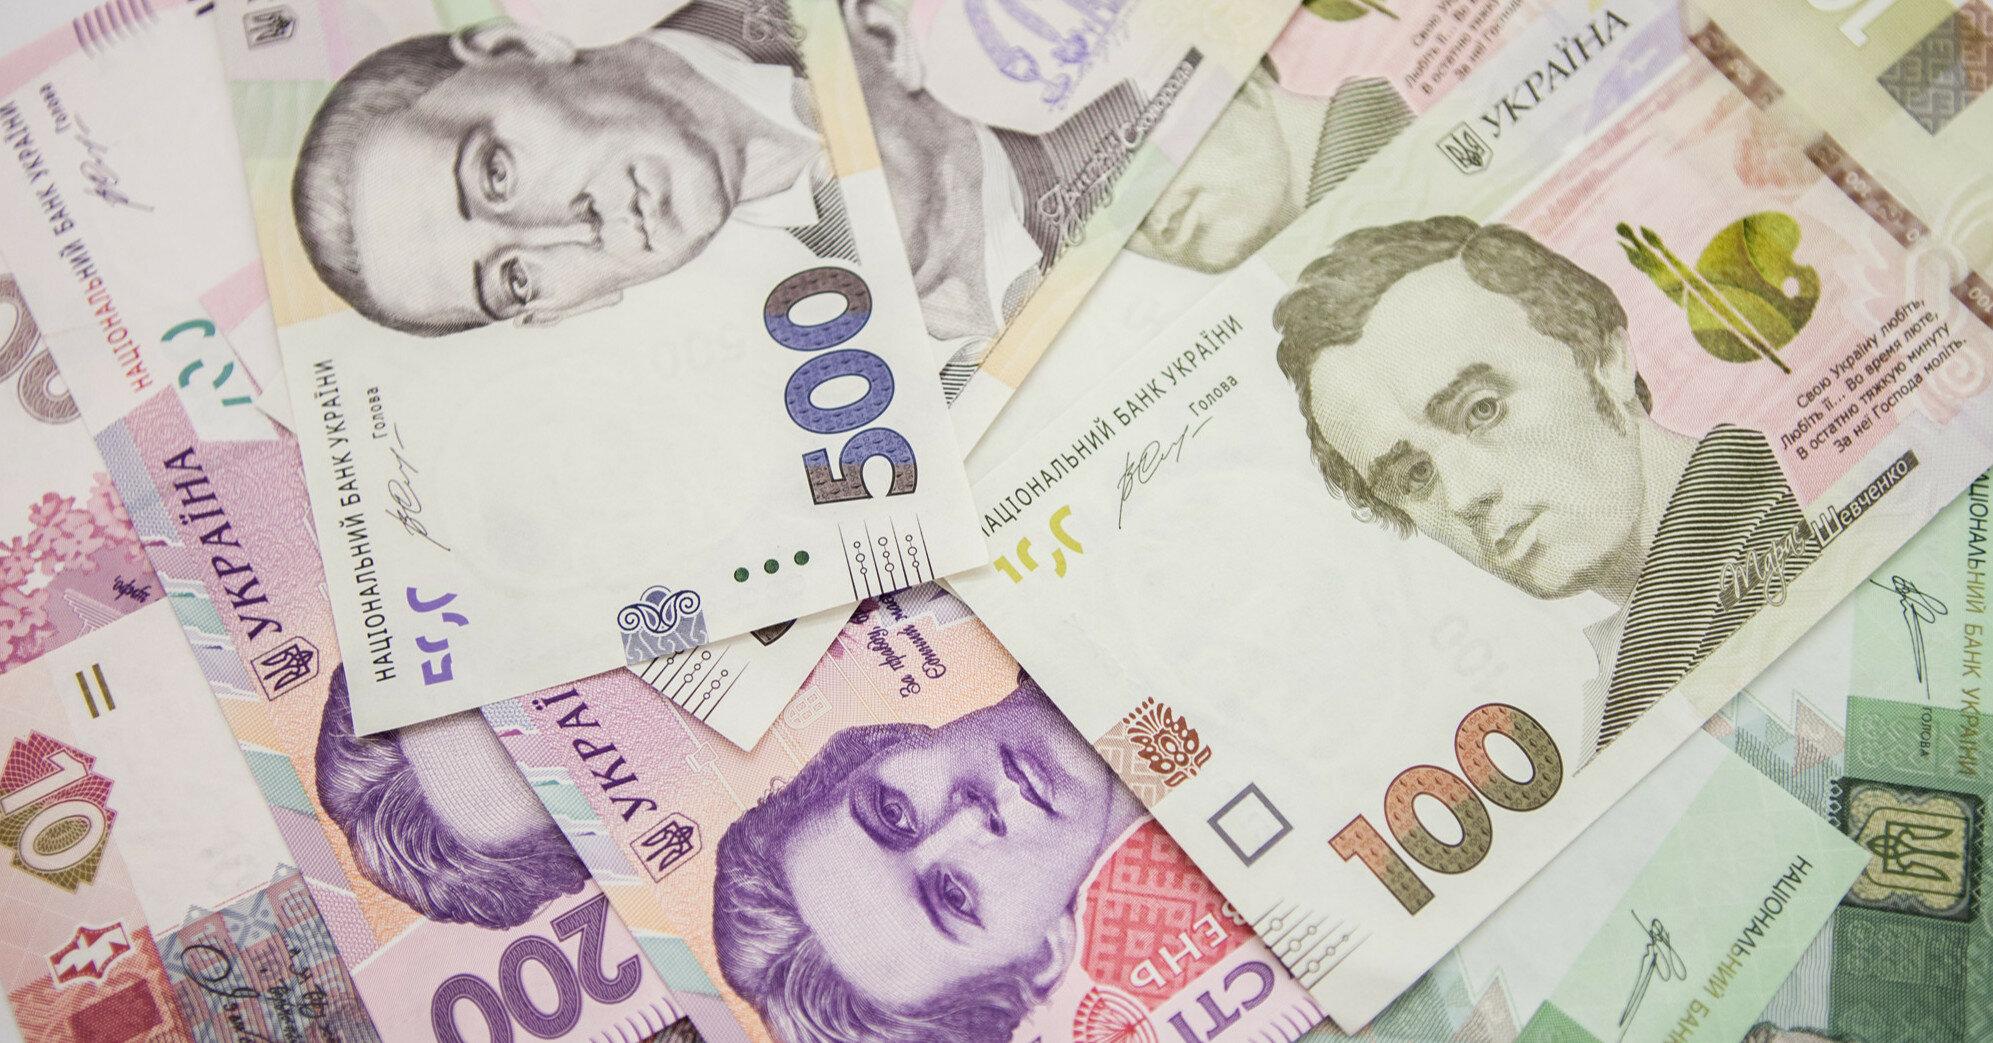 Украинцы будут оформлять пенсию по новым правилам